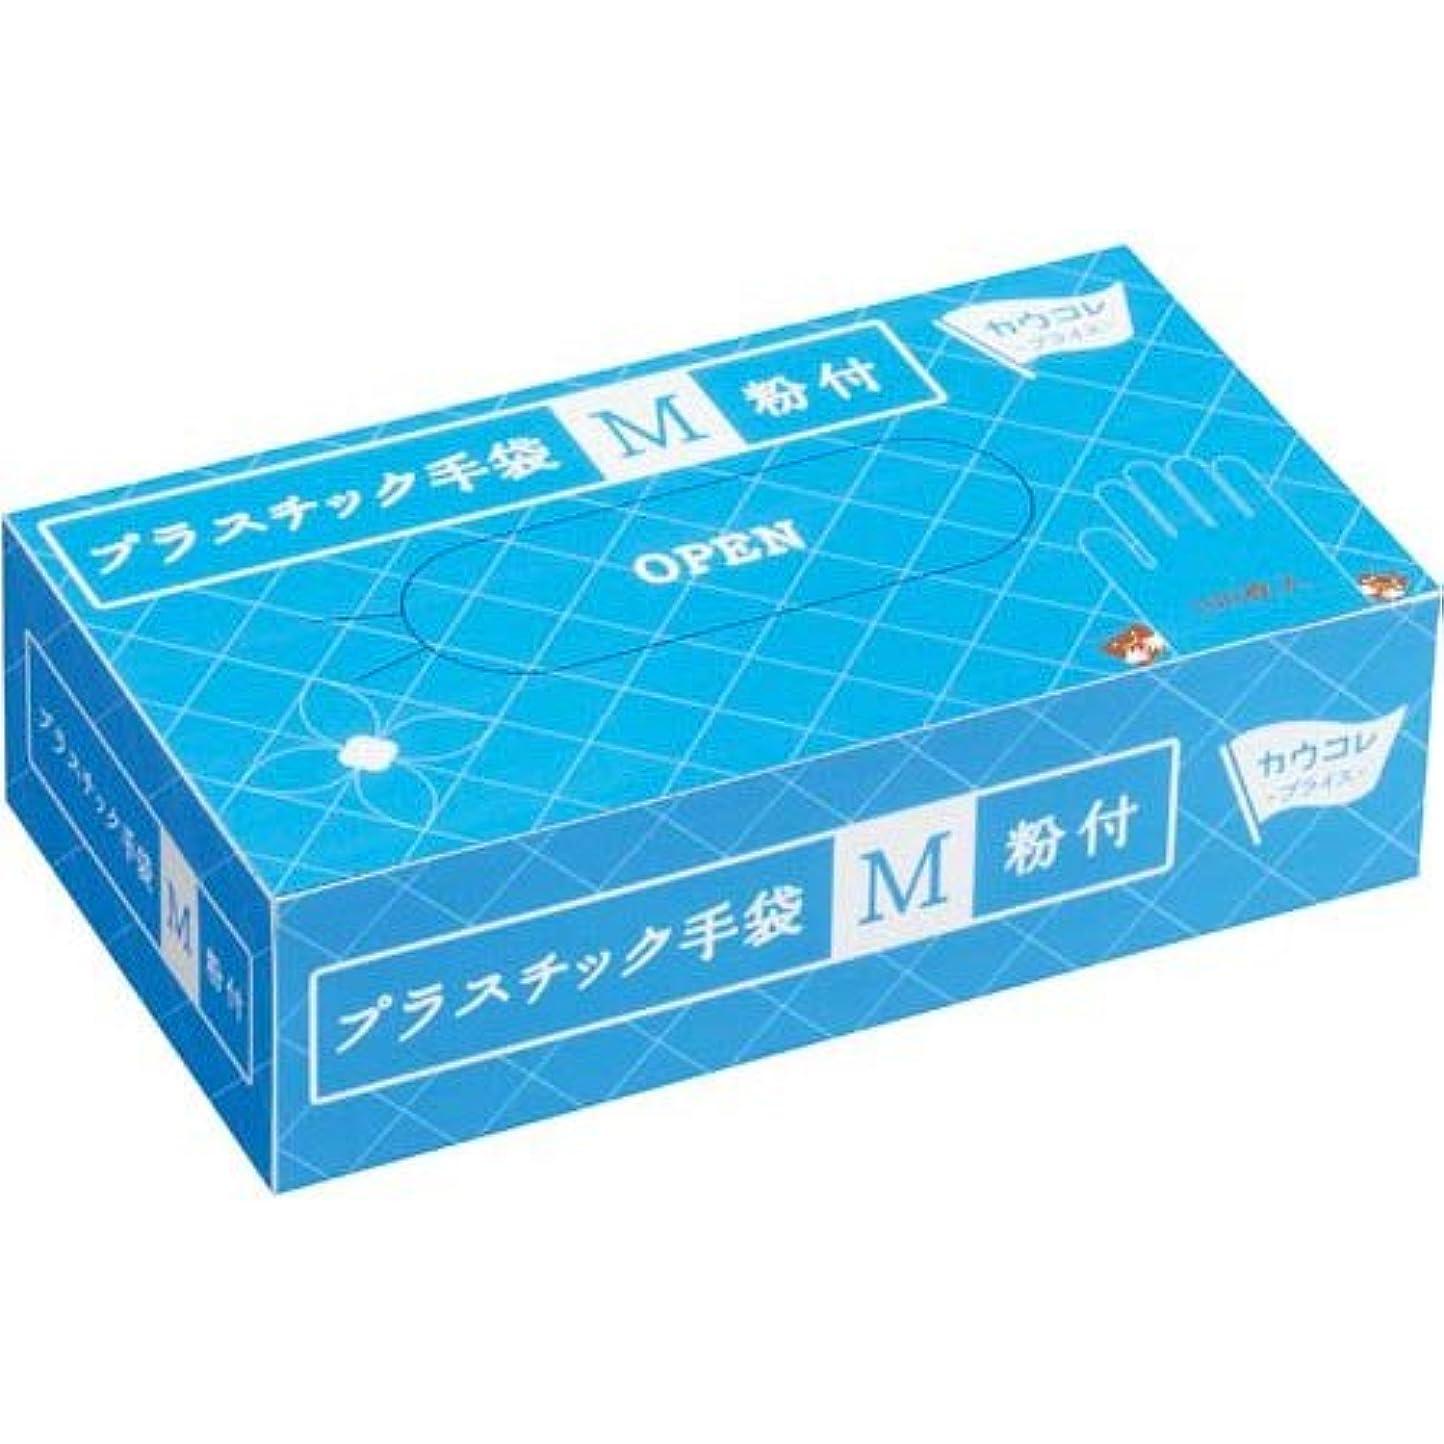 残りしばしば工夫するカウネット プラスチック手袋 粉付M 100枚入×10